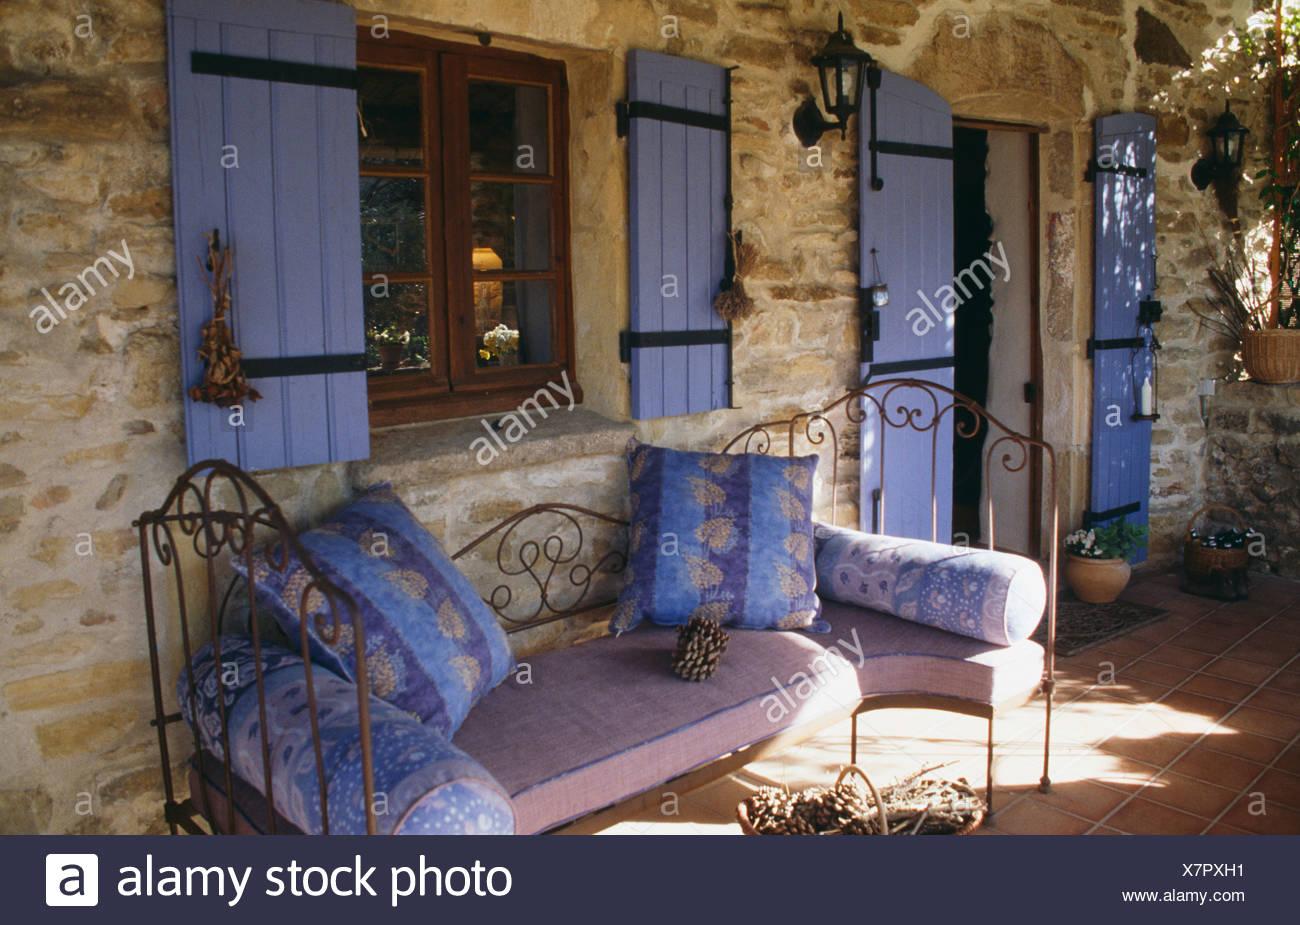 Landhaus Fenster blaue kissen auf schmiedeeisernen liege unter fenster mit blauen